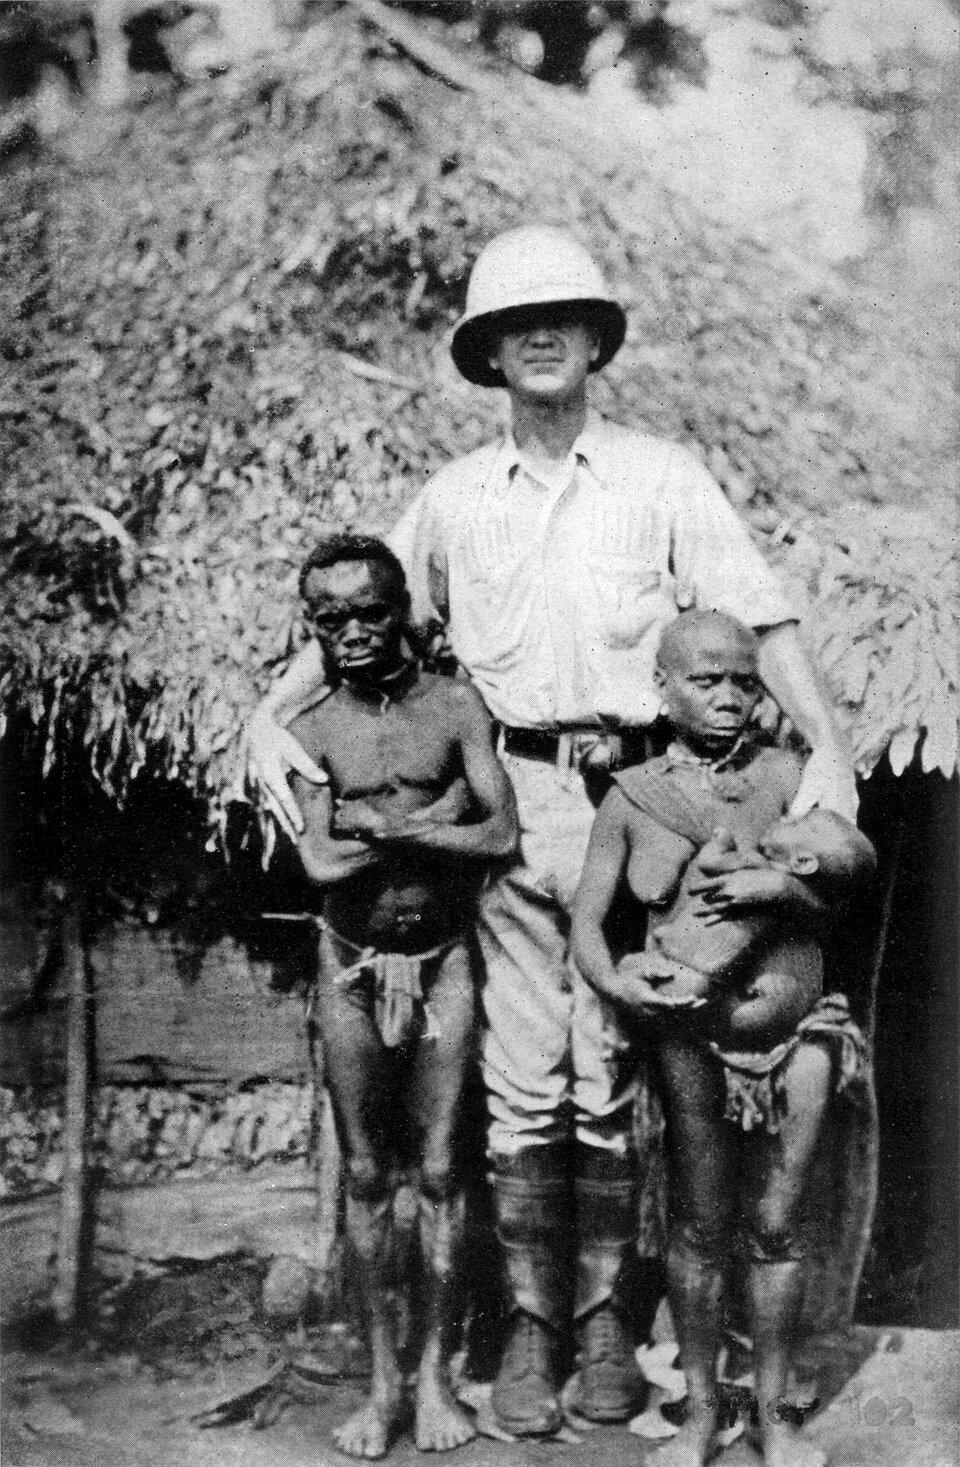 Na zdjęciu wysoki człowiek rasy białej, obok Pigmeje, znacznie niżsi. Kobieta sięga mu do łokcia, amężczyzna do ramienia.